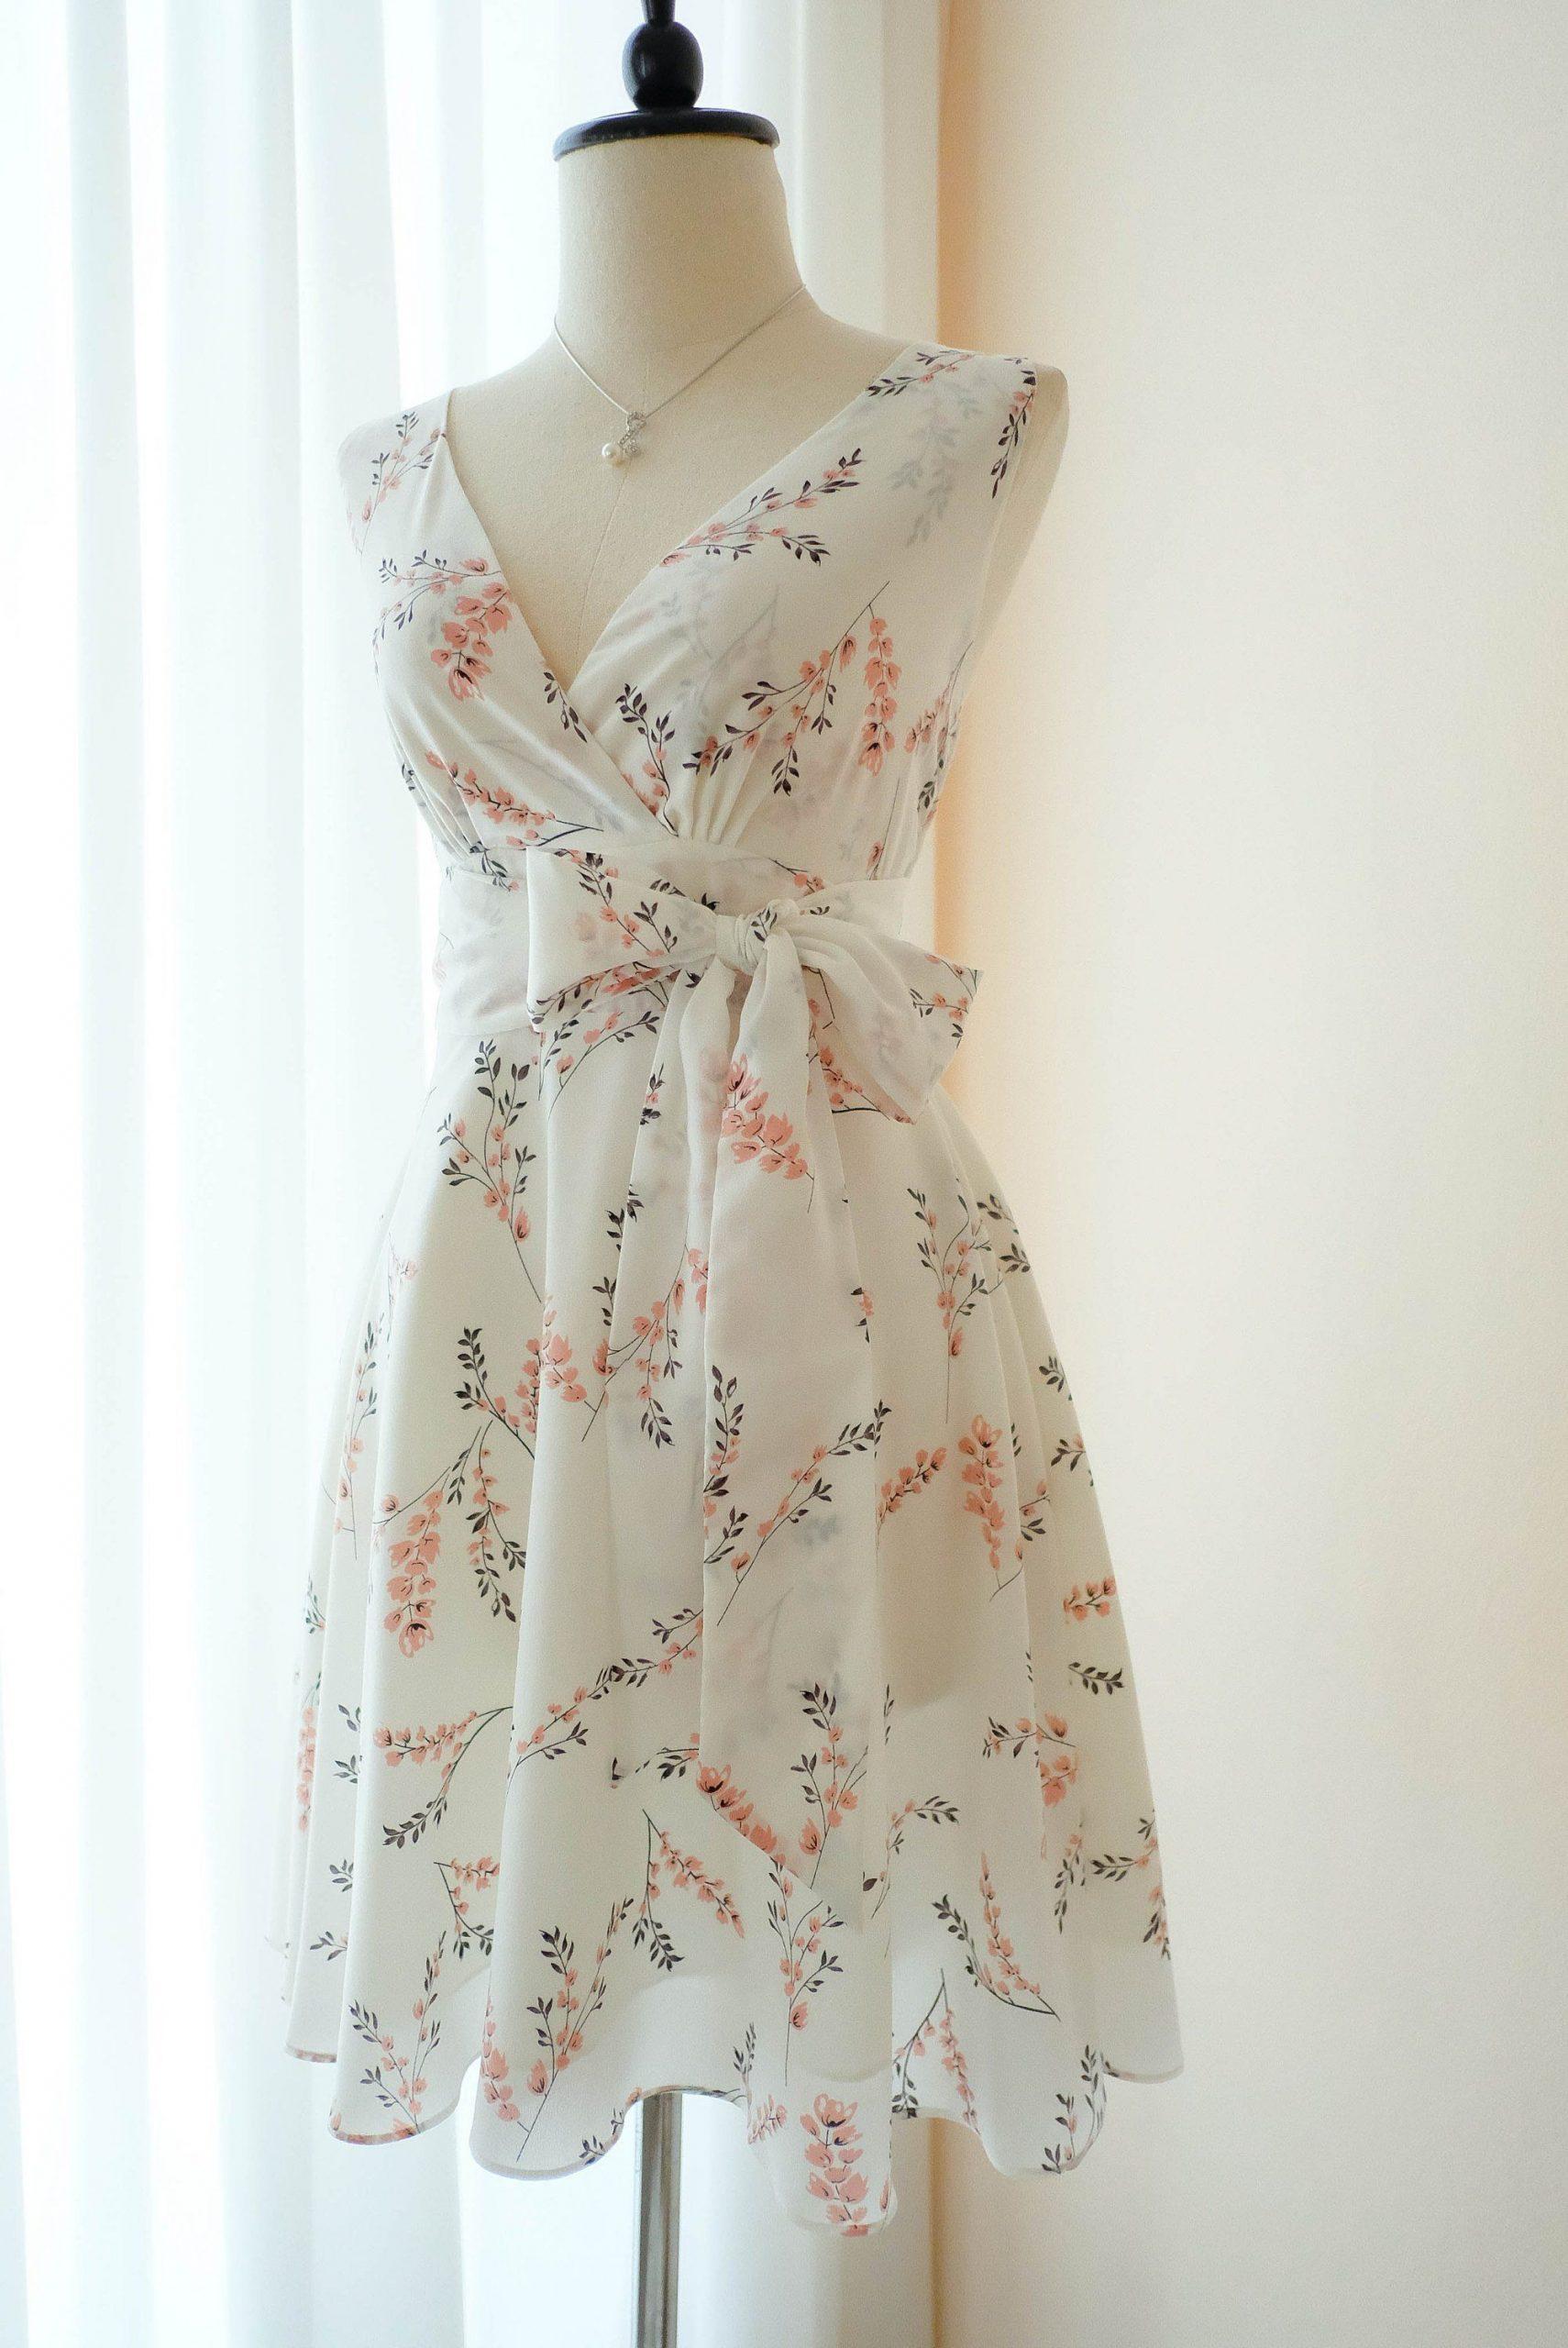 Weiß Floral Weiß Brautjungfer Kleid Blumen Vintage Kleid